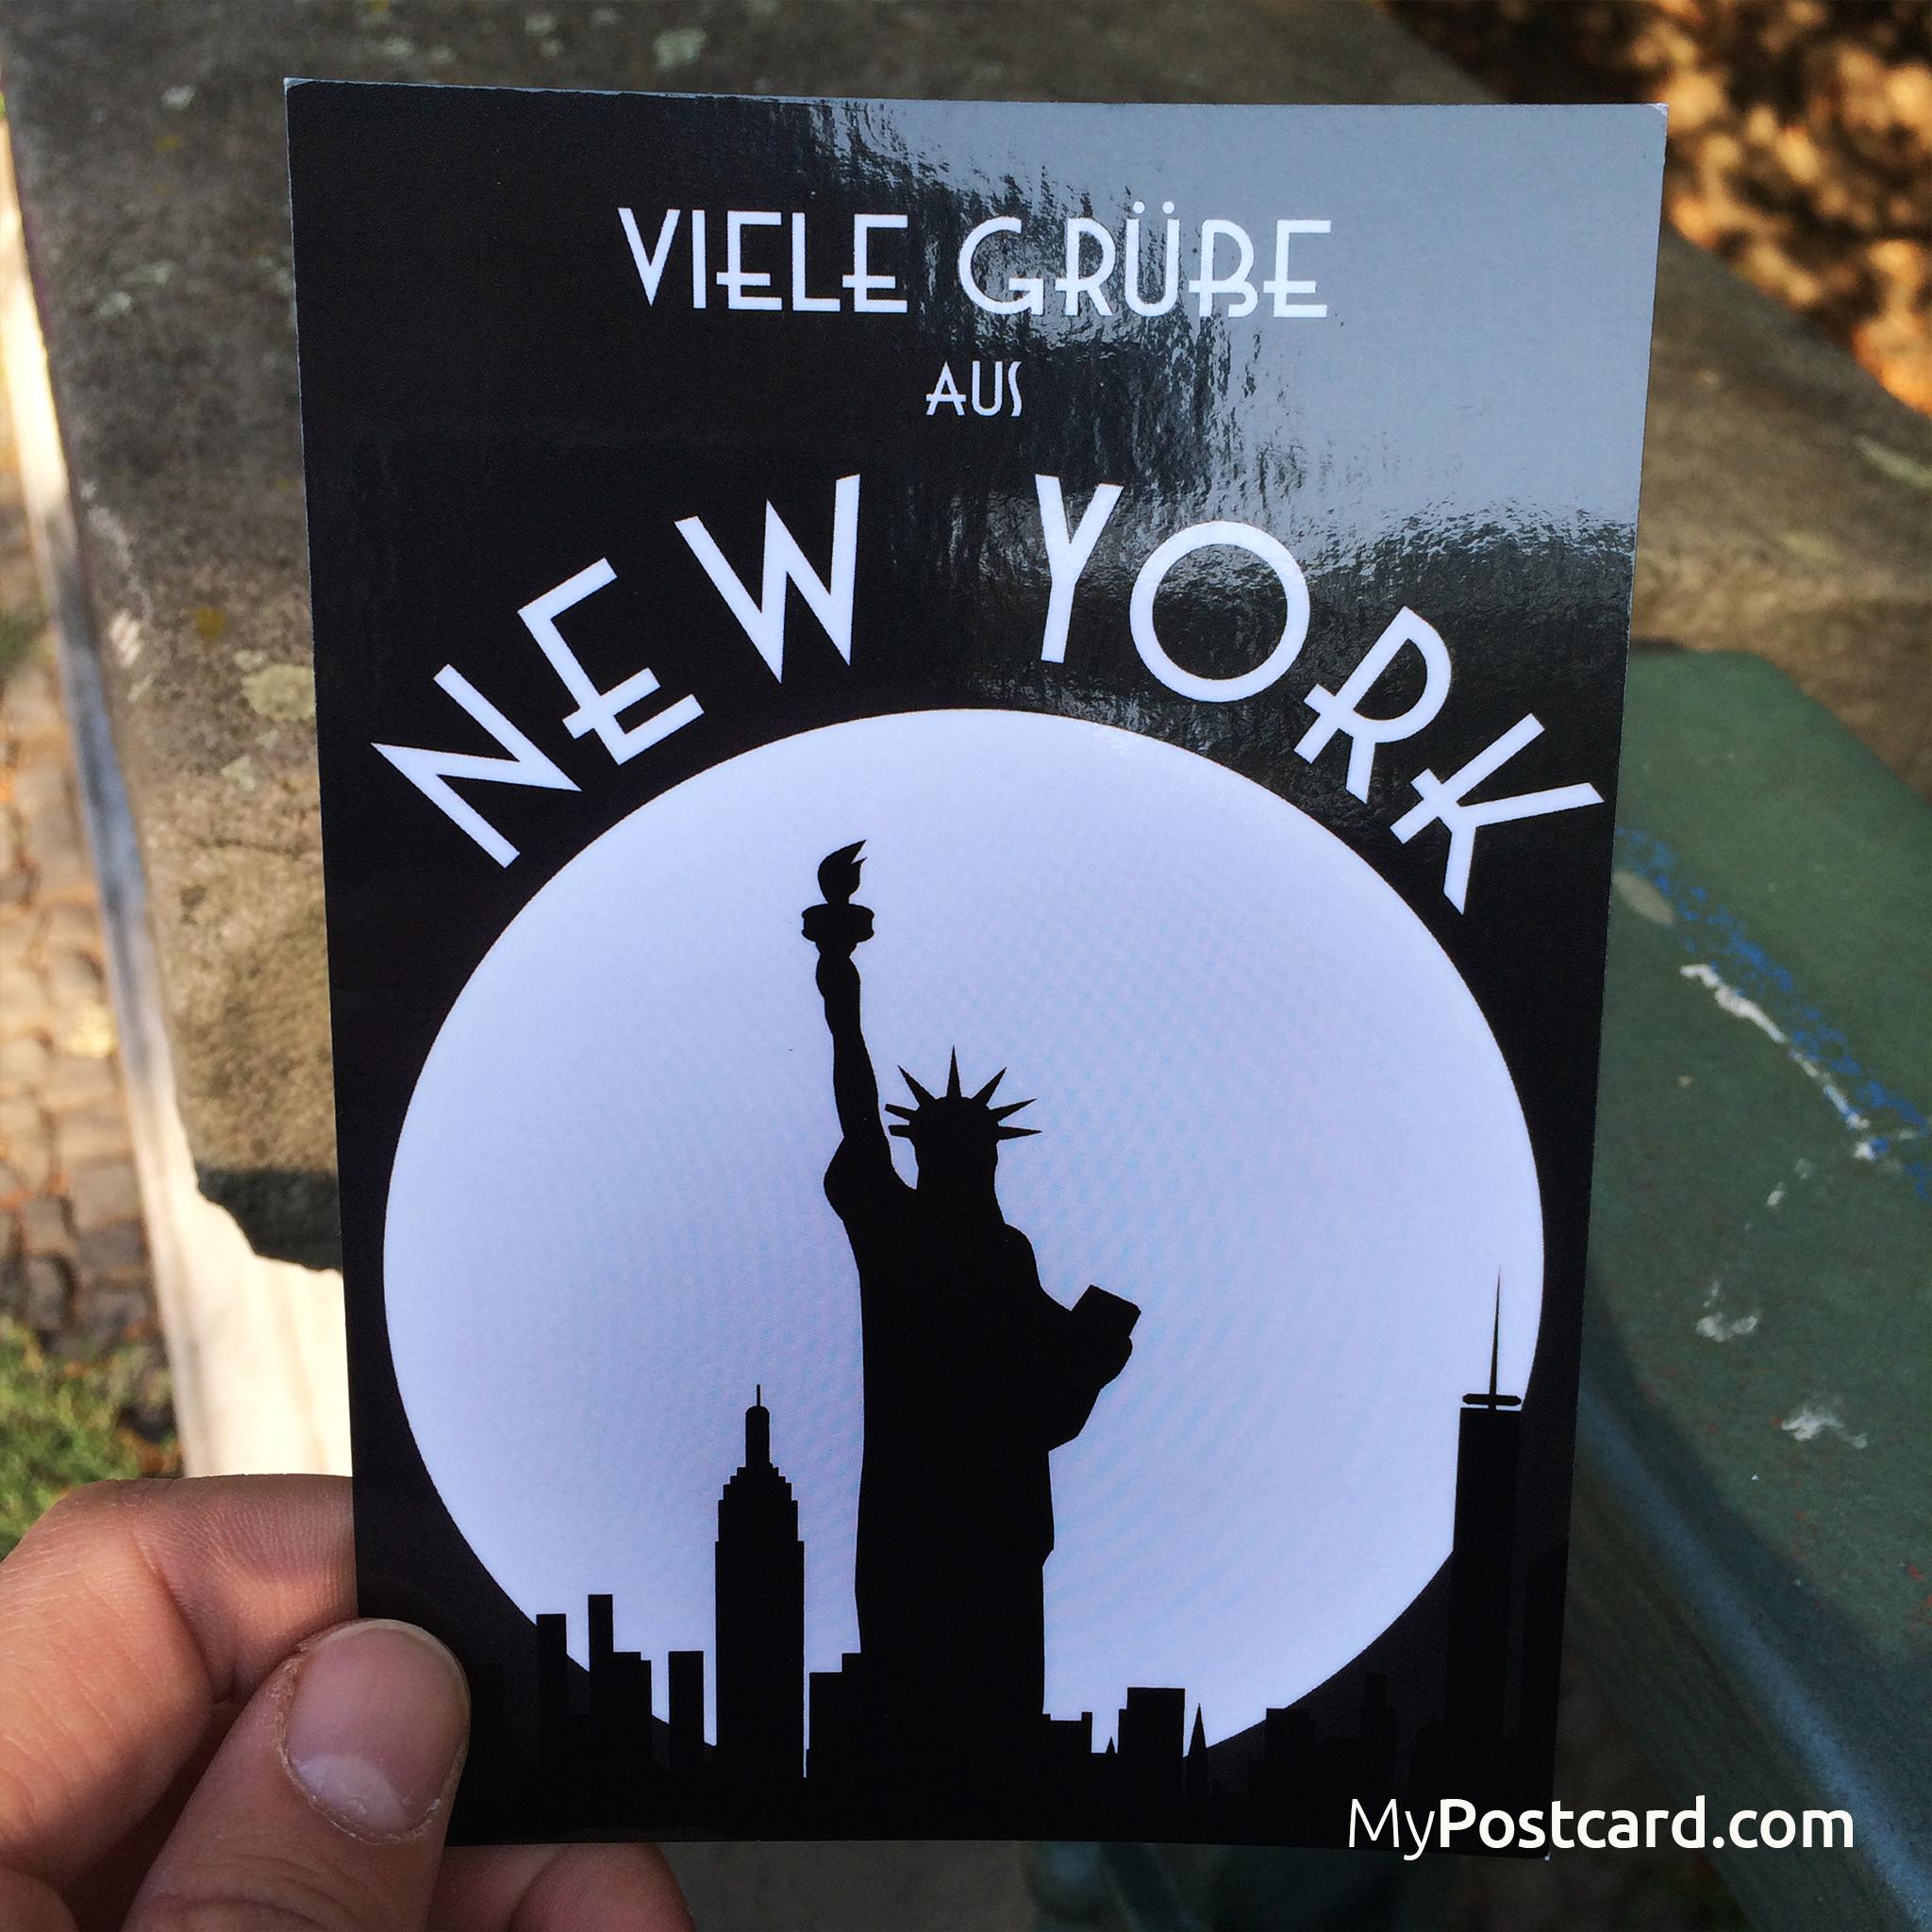 Greeting From New York English Viele Gre Aus New York Deutsch